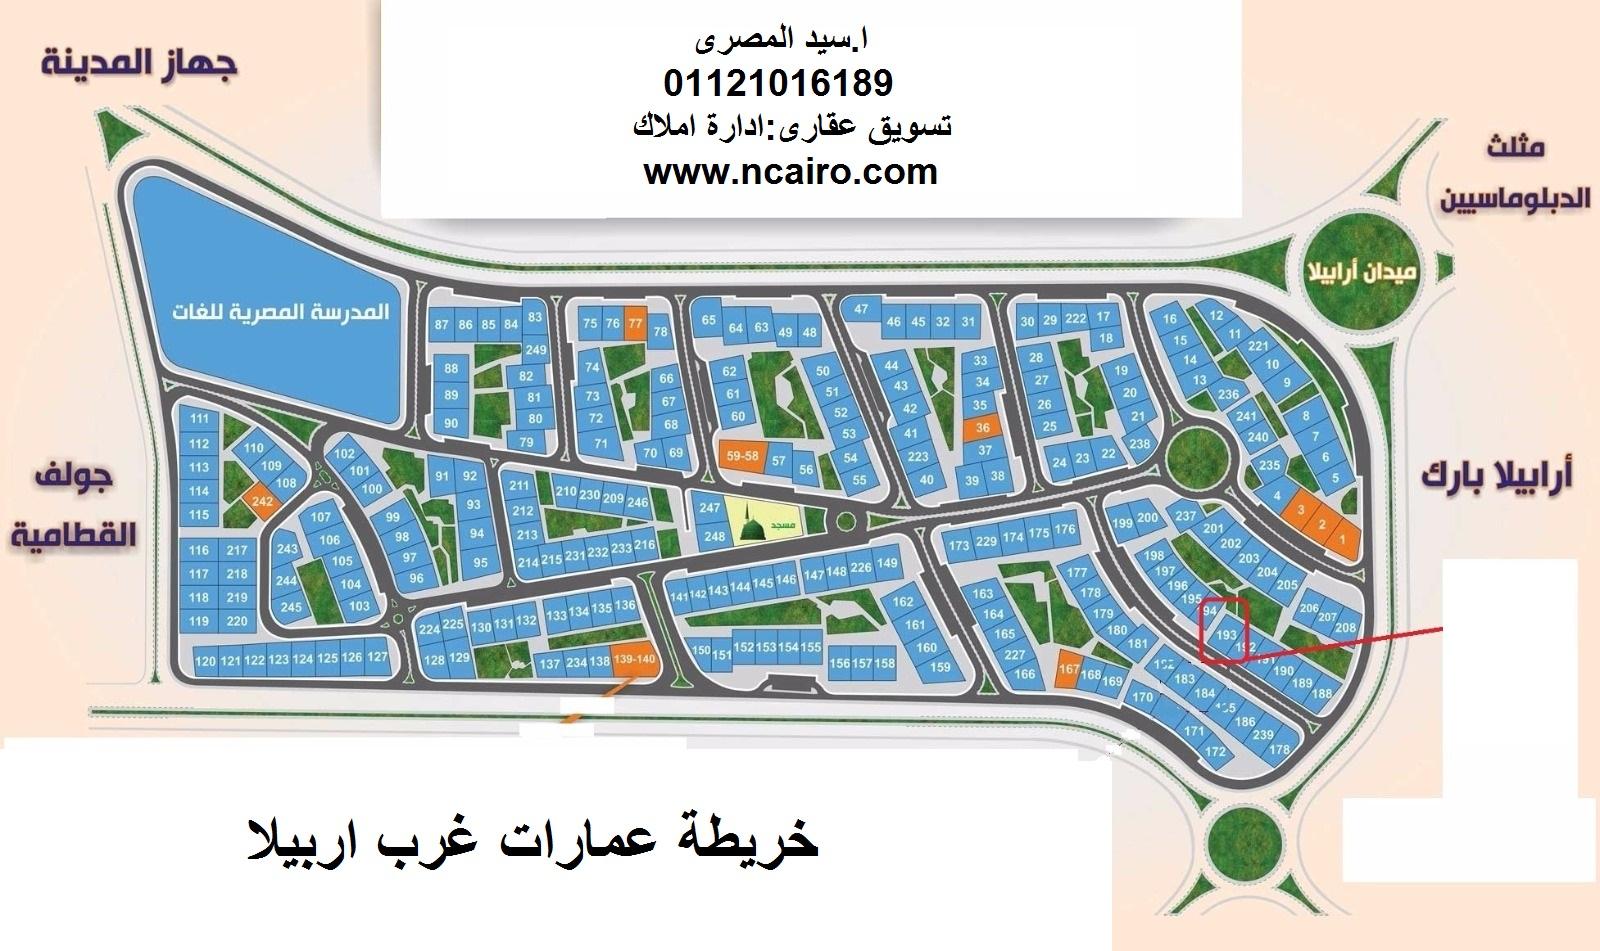 خريطة ارقام عمارات غرب اربيلا التجمع الخامس القاهرة الجديدة